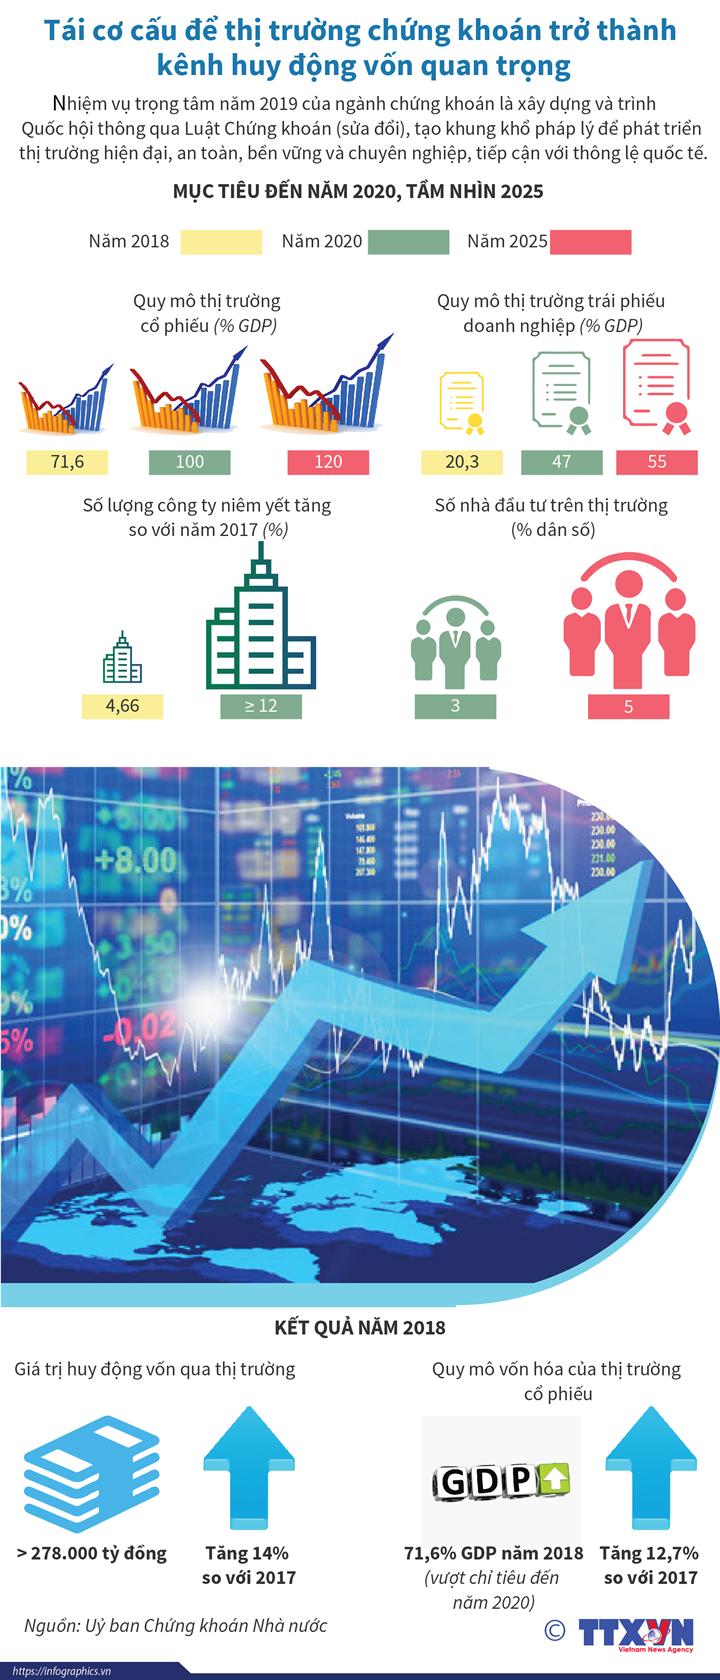 Tái cơ cấu để thị trường chứng khoán trở thành kênh huy động vốn quan trọng